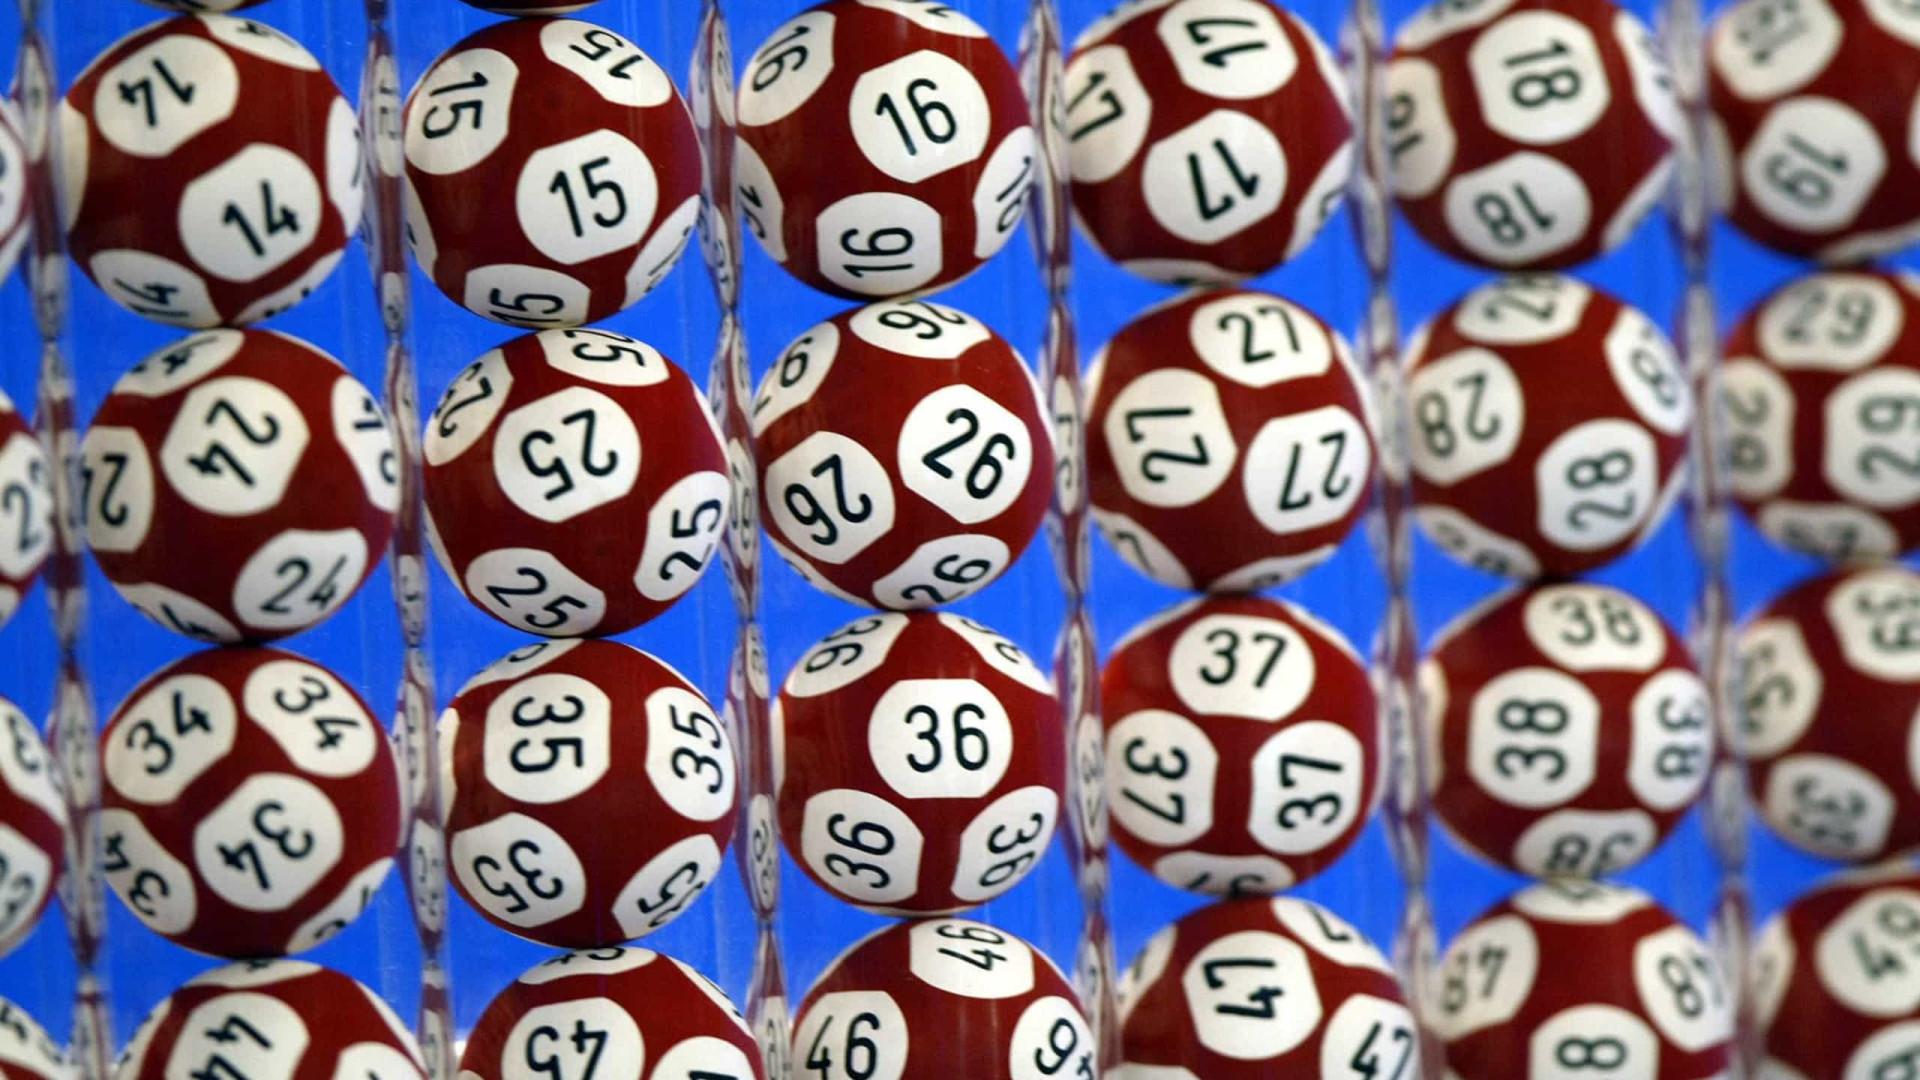 Jackpot de 153 milhões de euros no sorteio de sexta-feira do Euromilhões